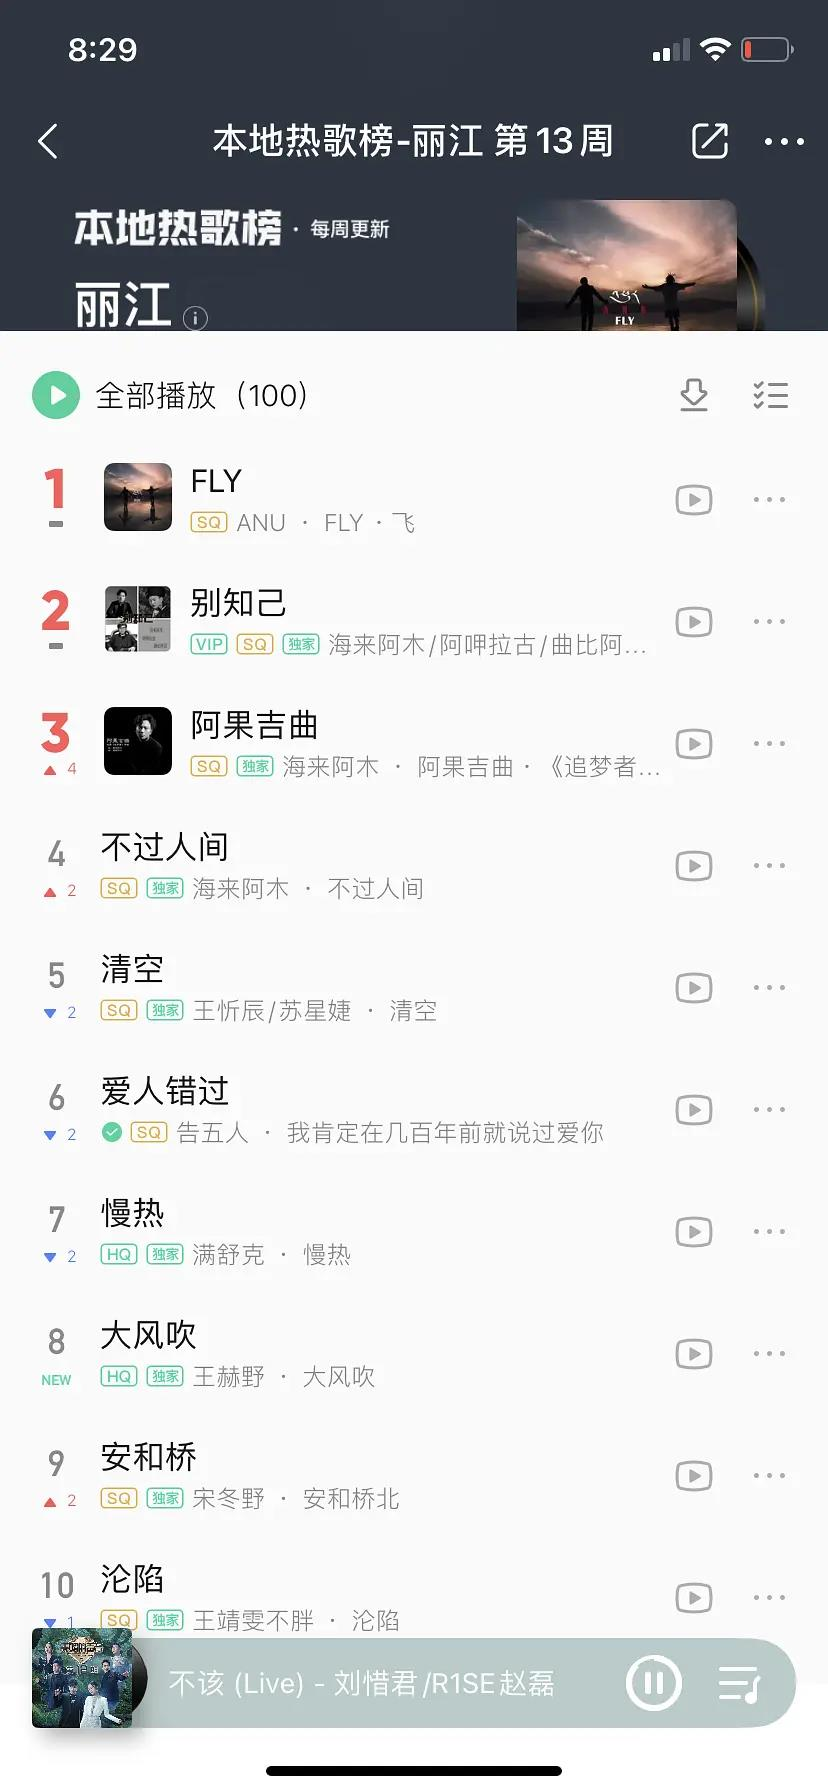 音乐分地域,上海国际化,西安有文化认同感,武汉都周杰伦歌迷吧